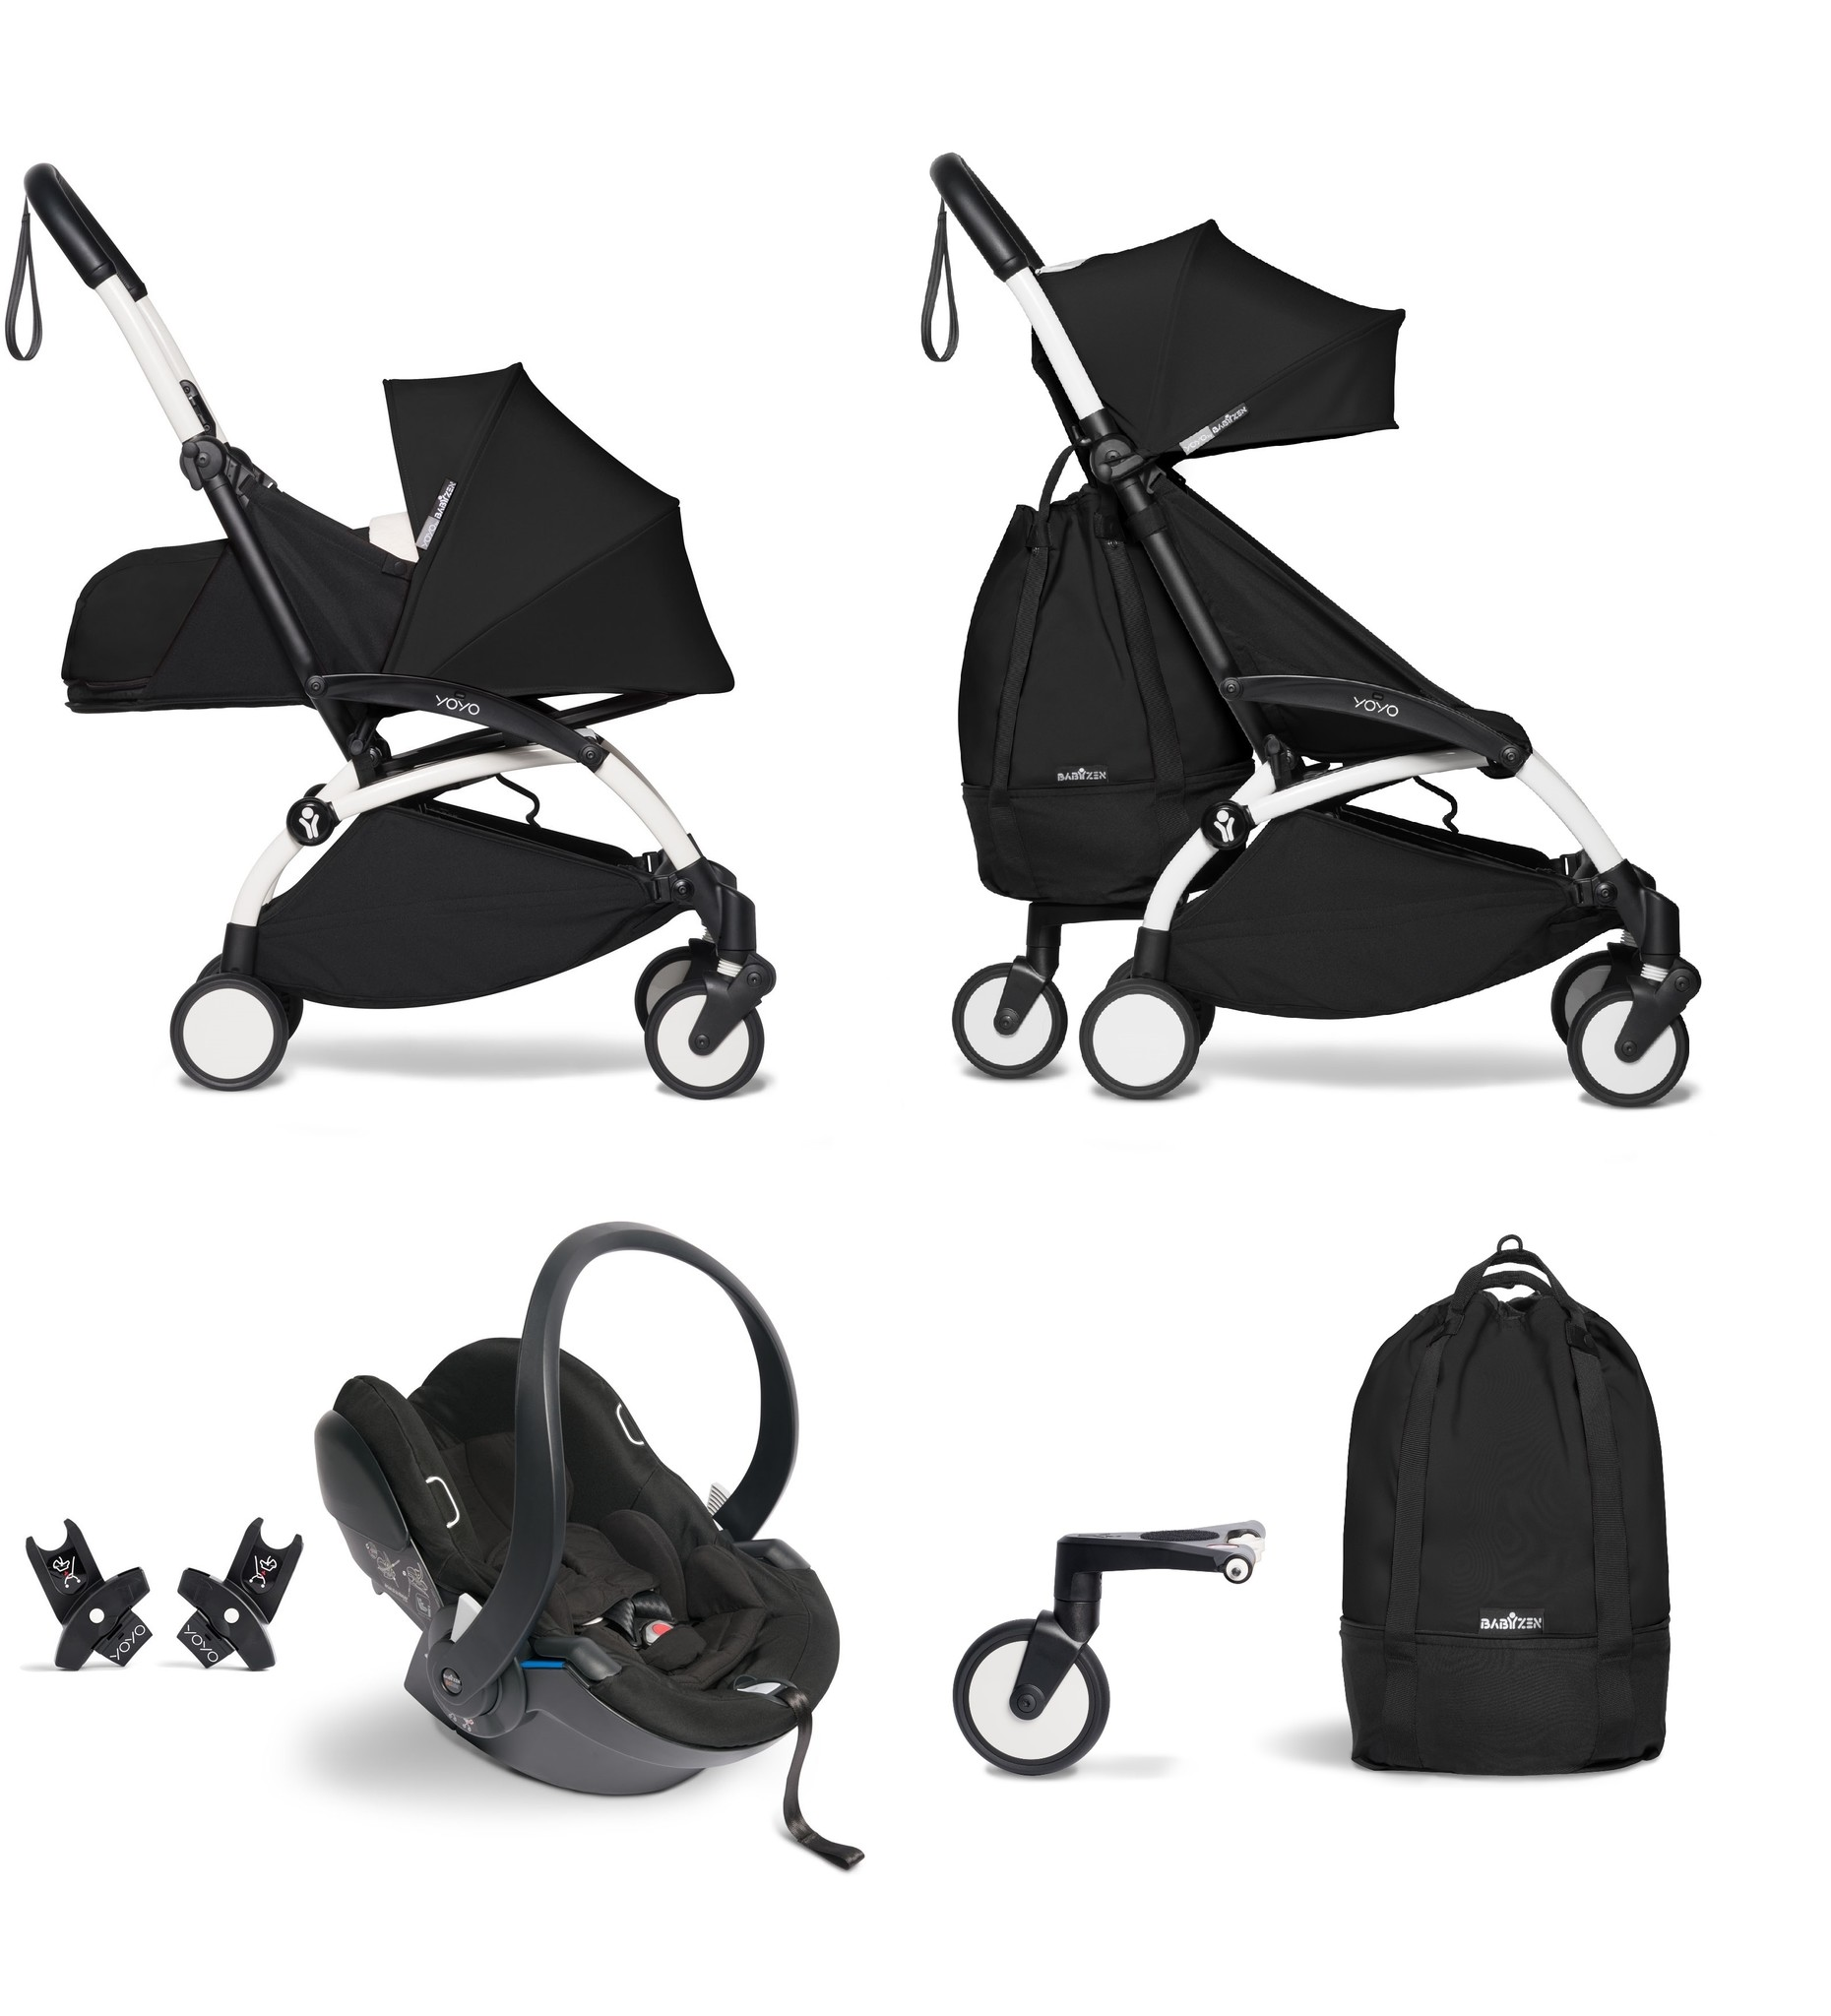 Babyzen Babyzen YOYO² buggy COMPLEET vanaf de geboorte inclusief YOYO² BeSafe autostoel zwart  en YOYO Bag -  zwart met frame wit